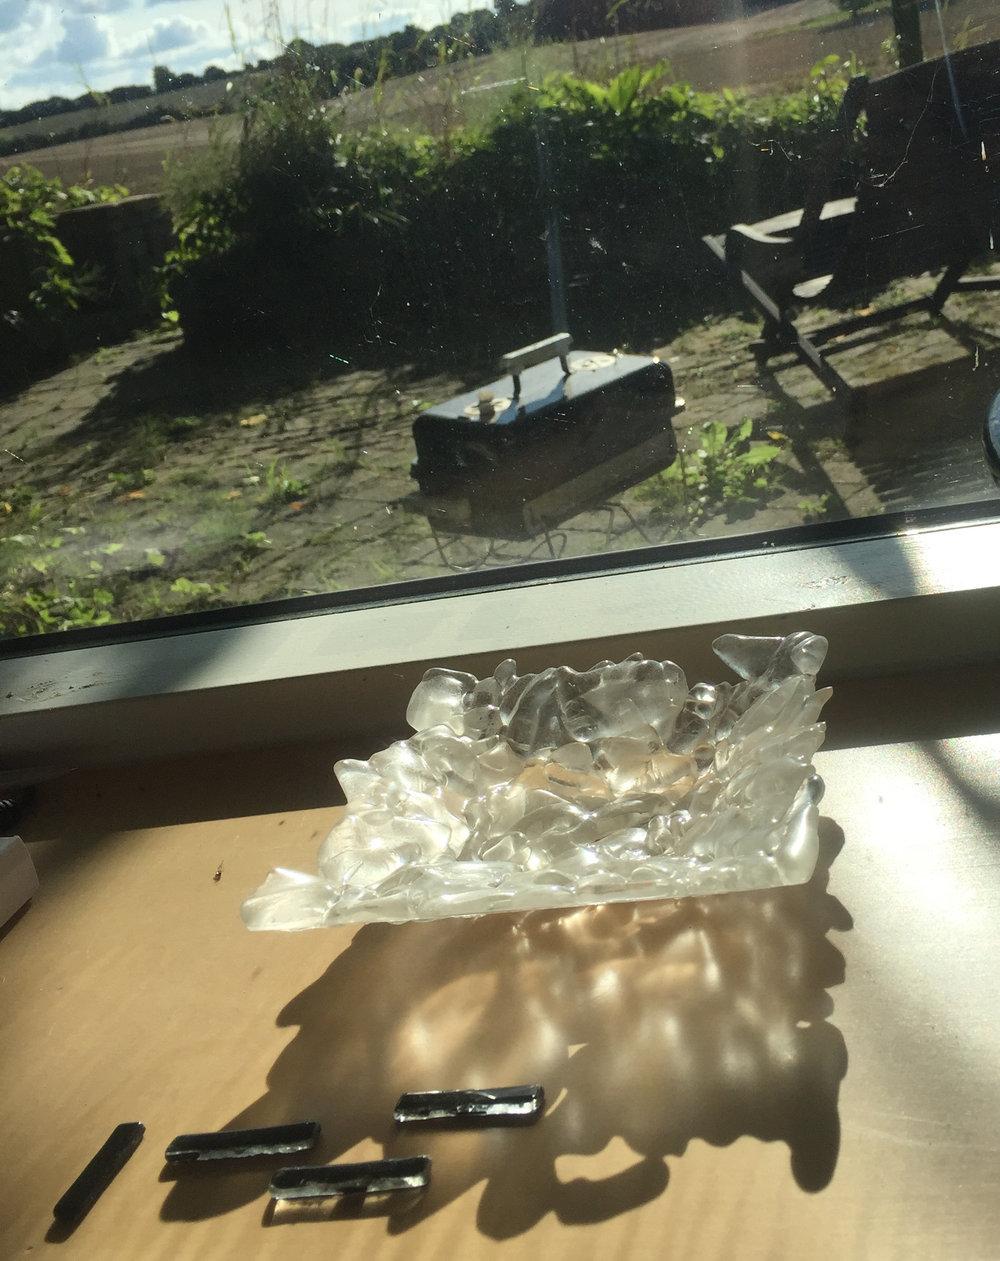 cacos na janela.jpg